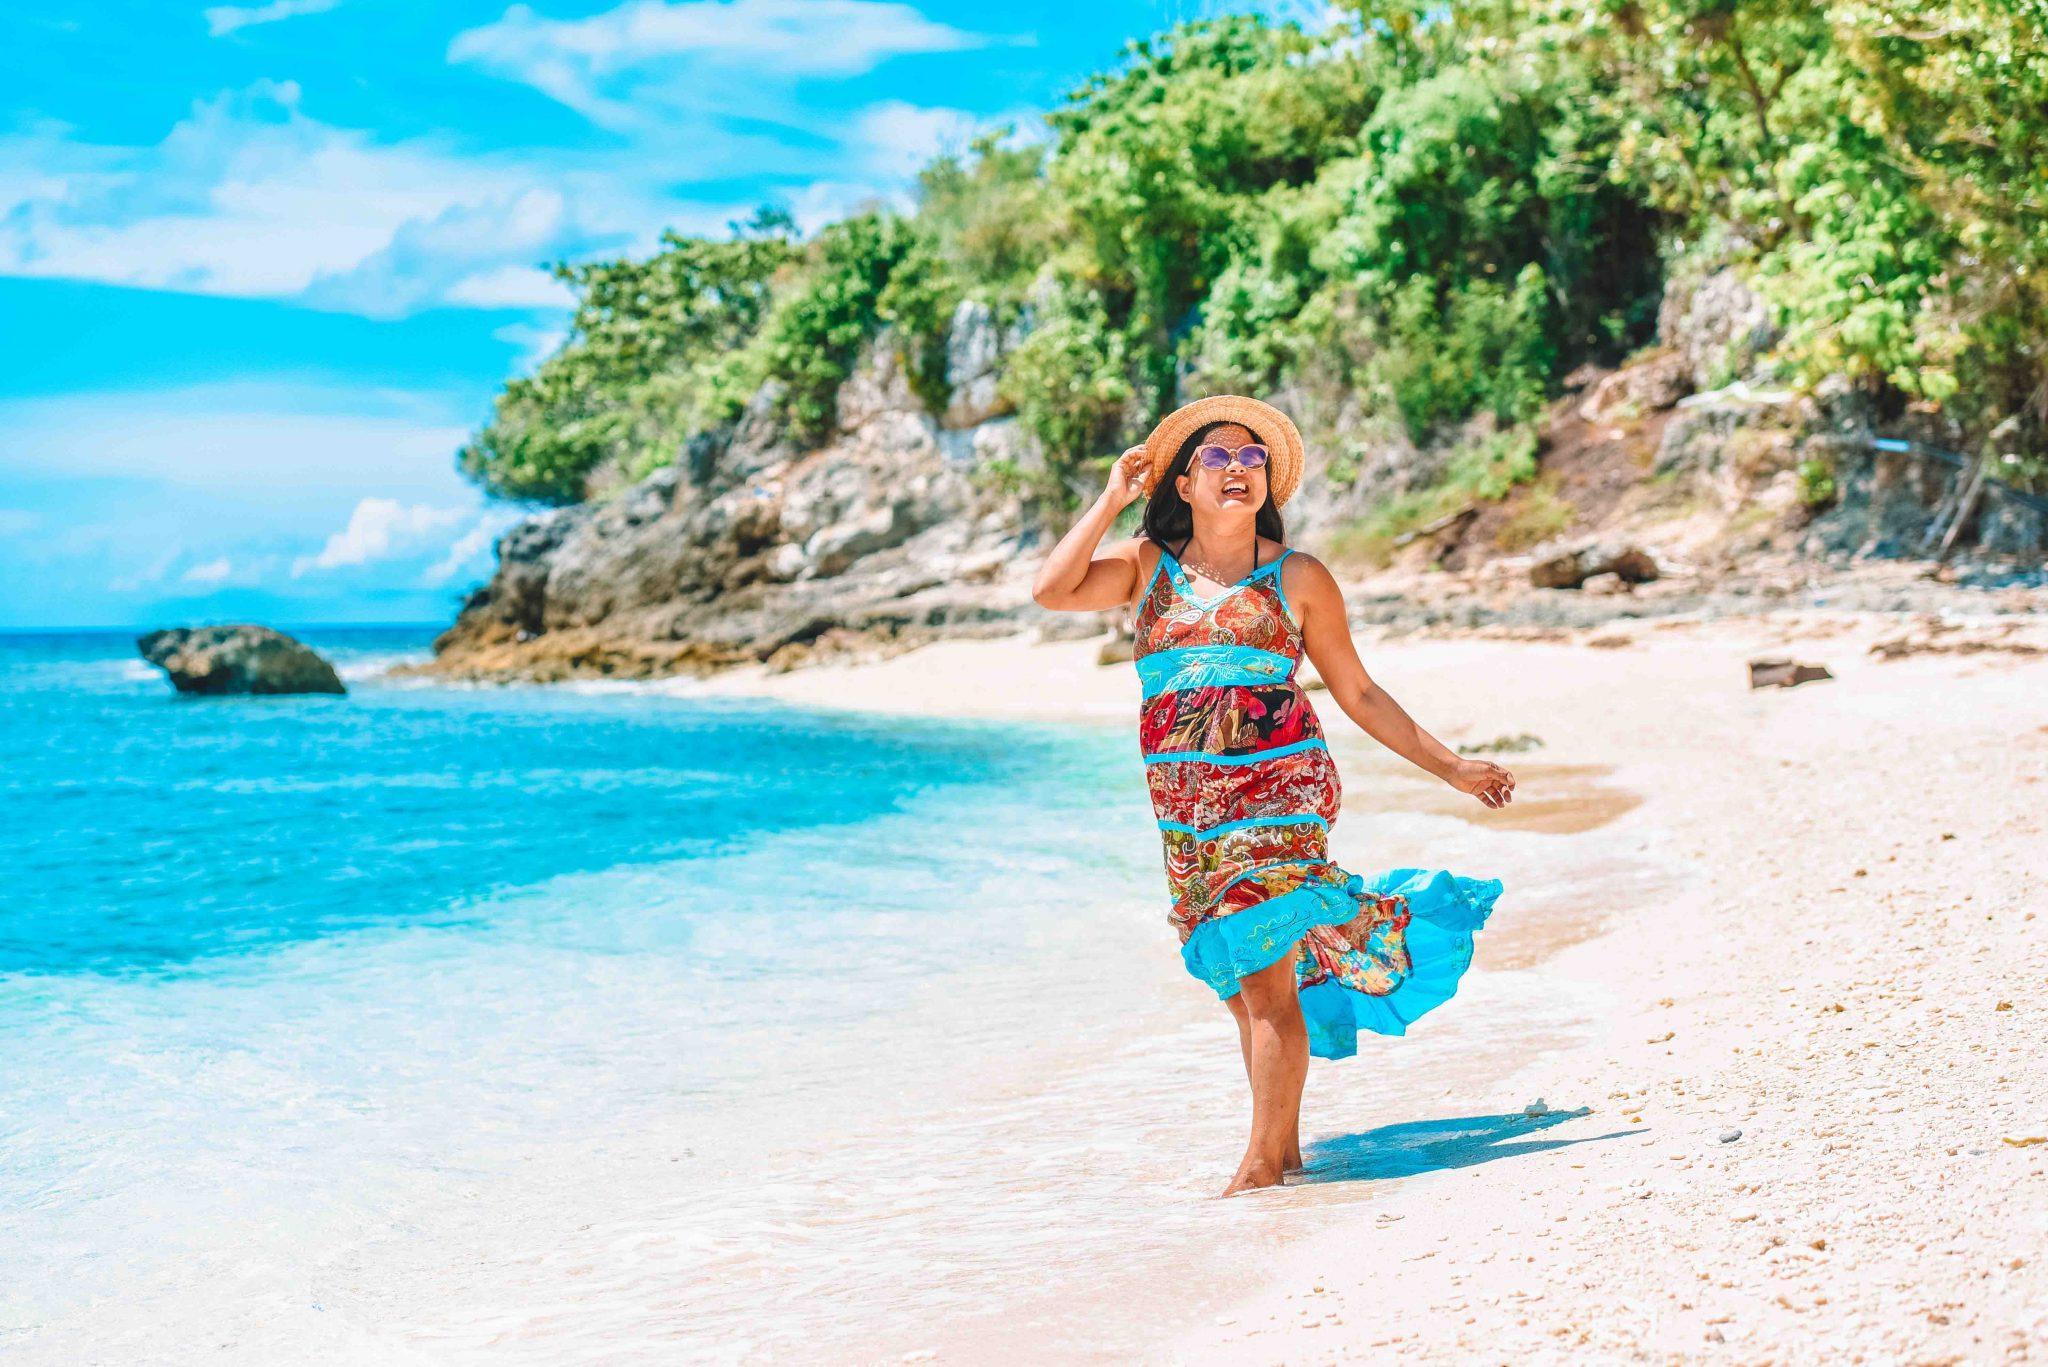 Aliguay Beach Resort